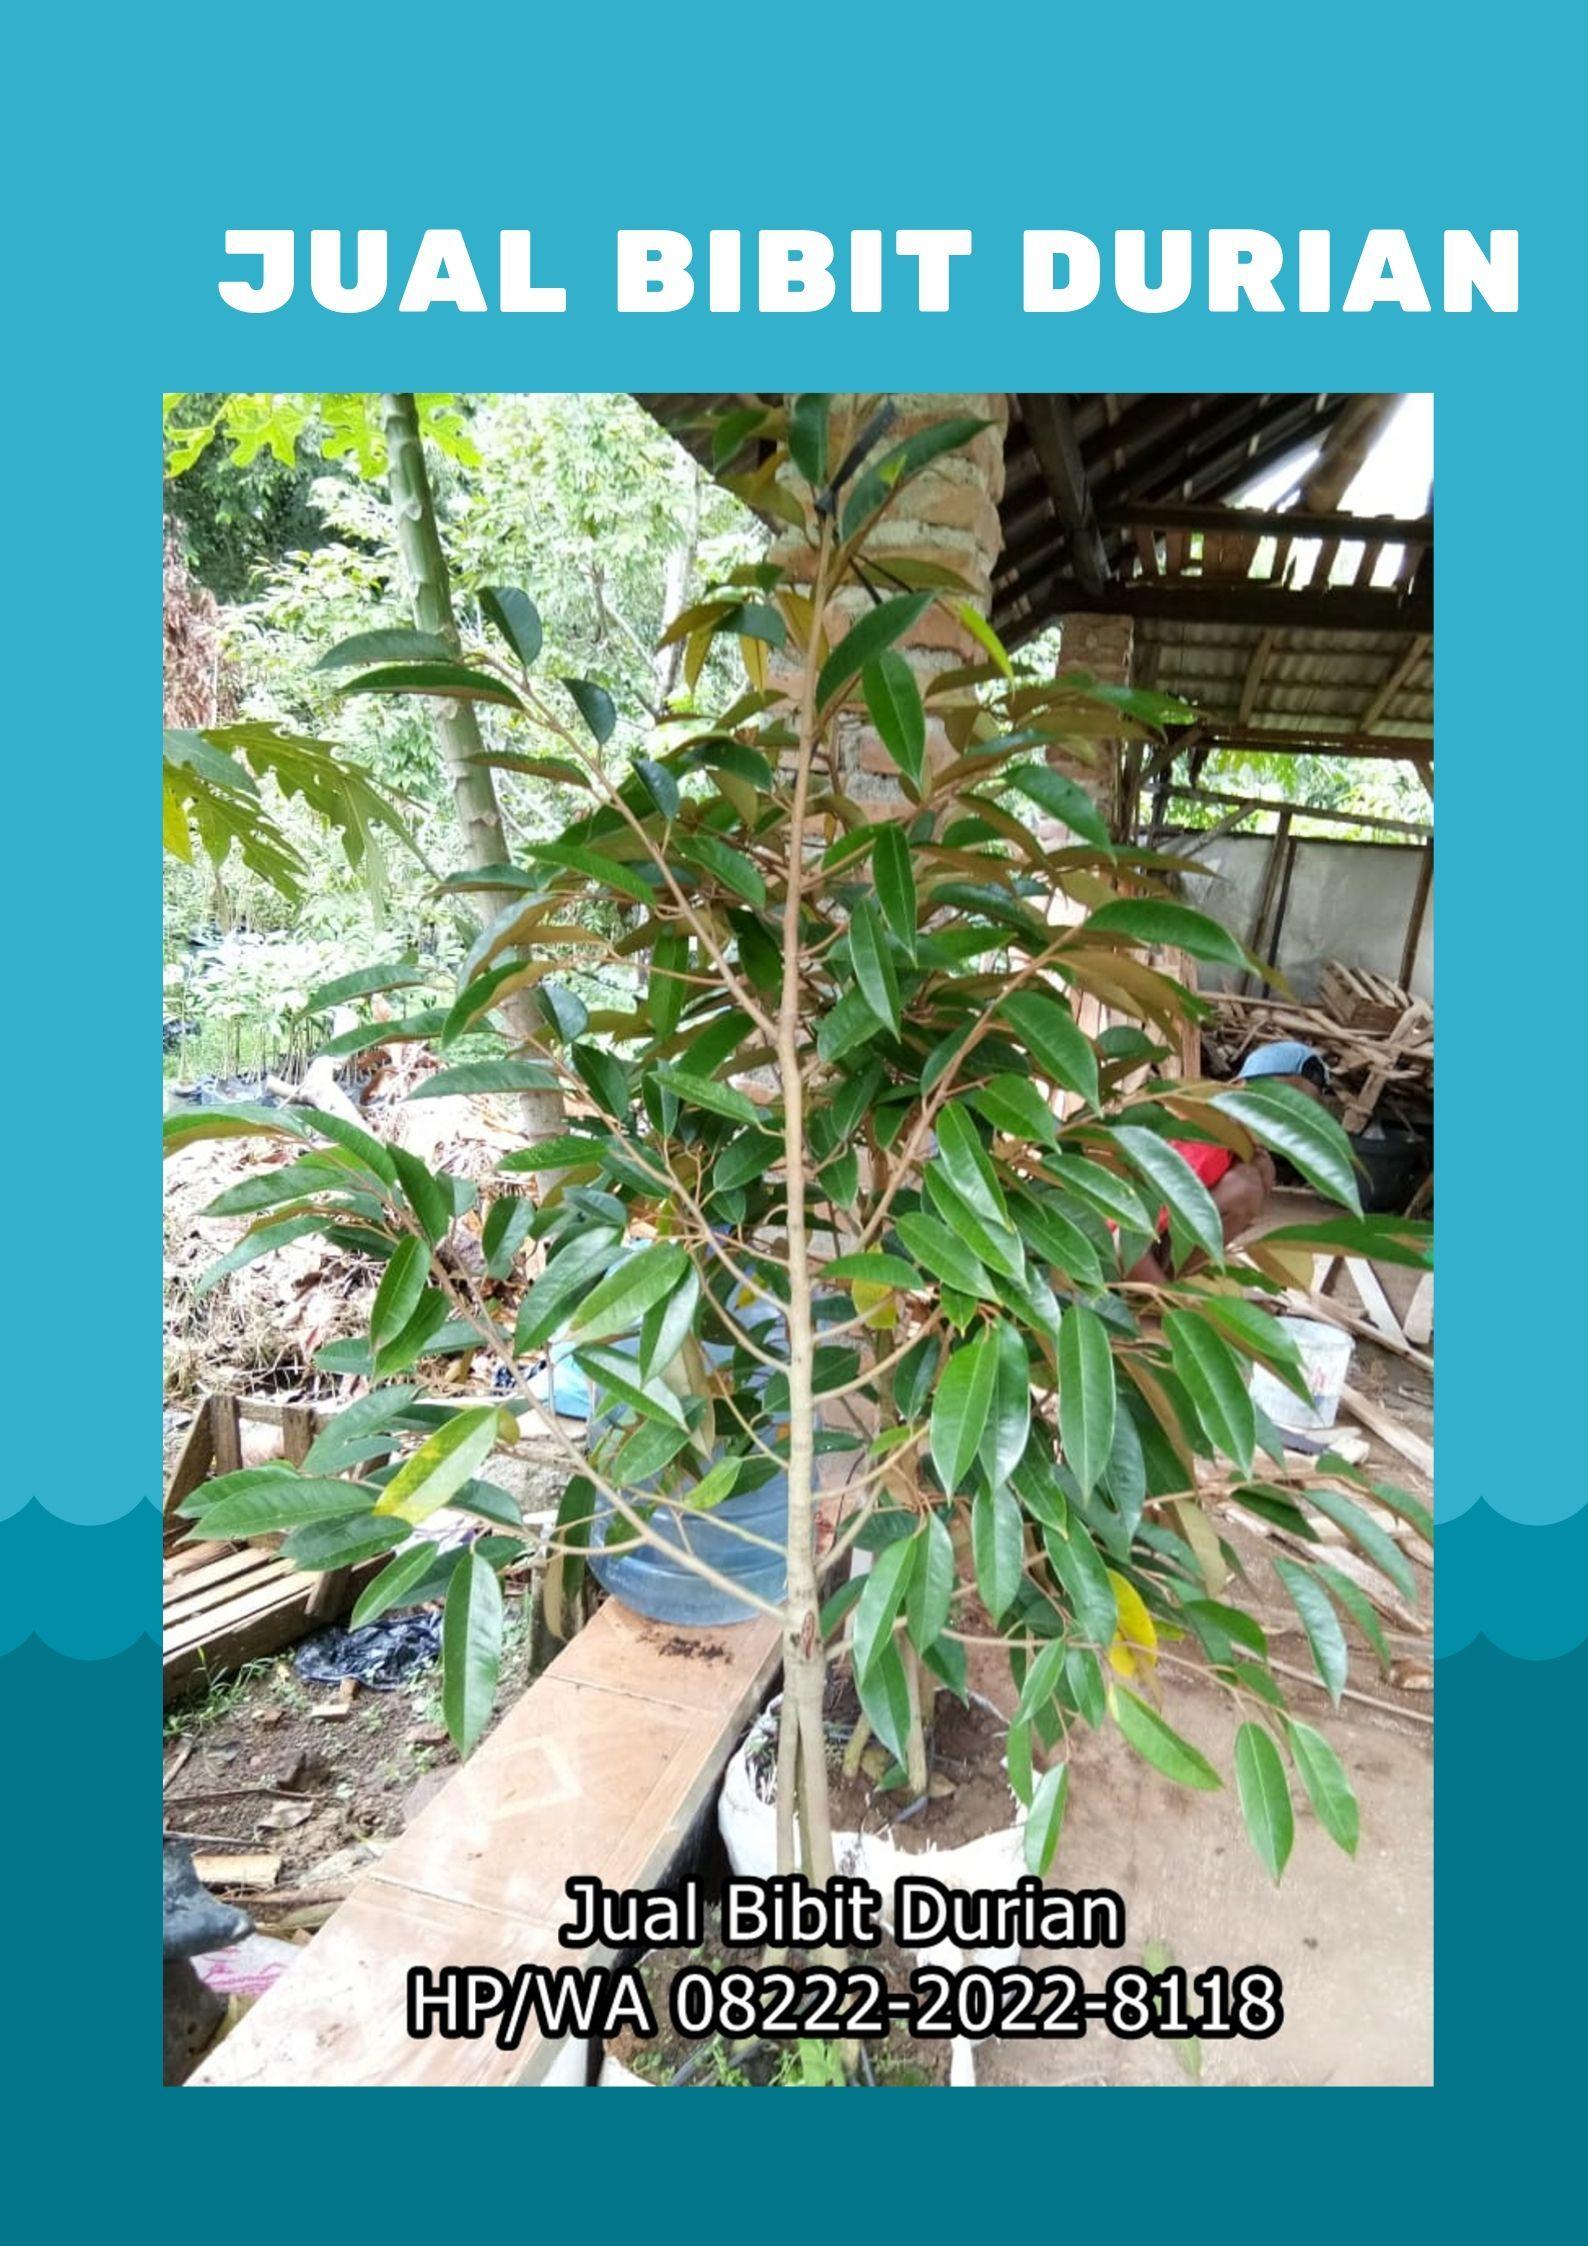 Manis Wa 0822 2022 8118 Jual Bibit Durian Unggul Palembang Benih Musang Buah